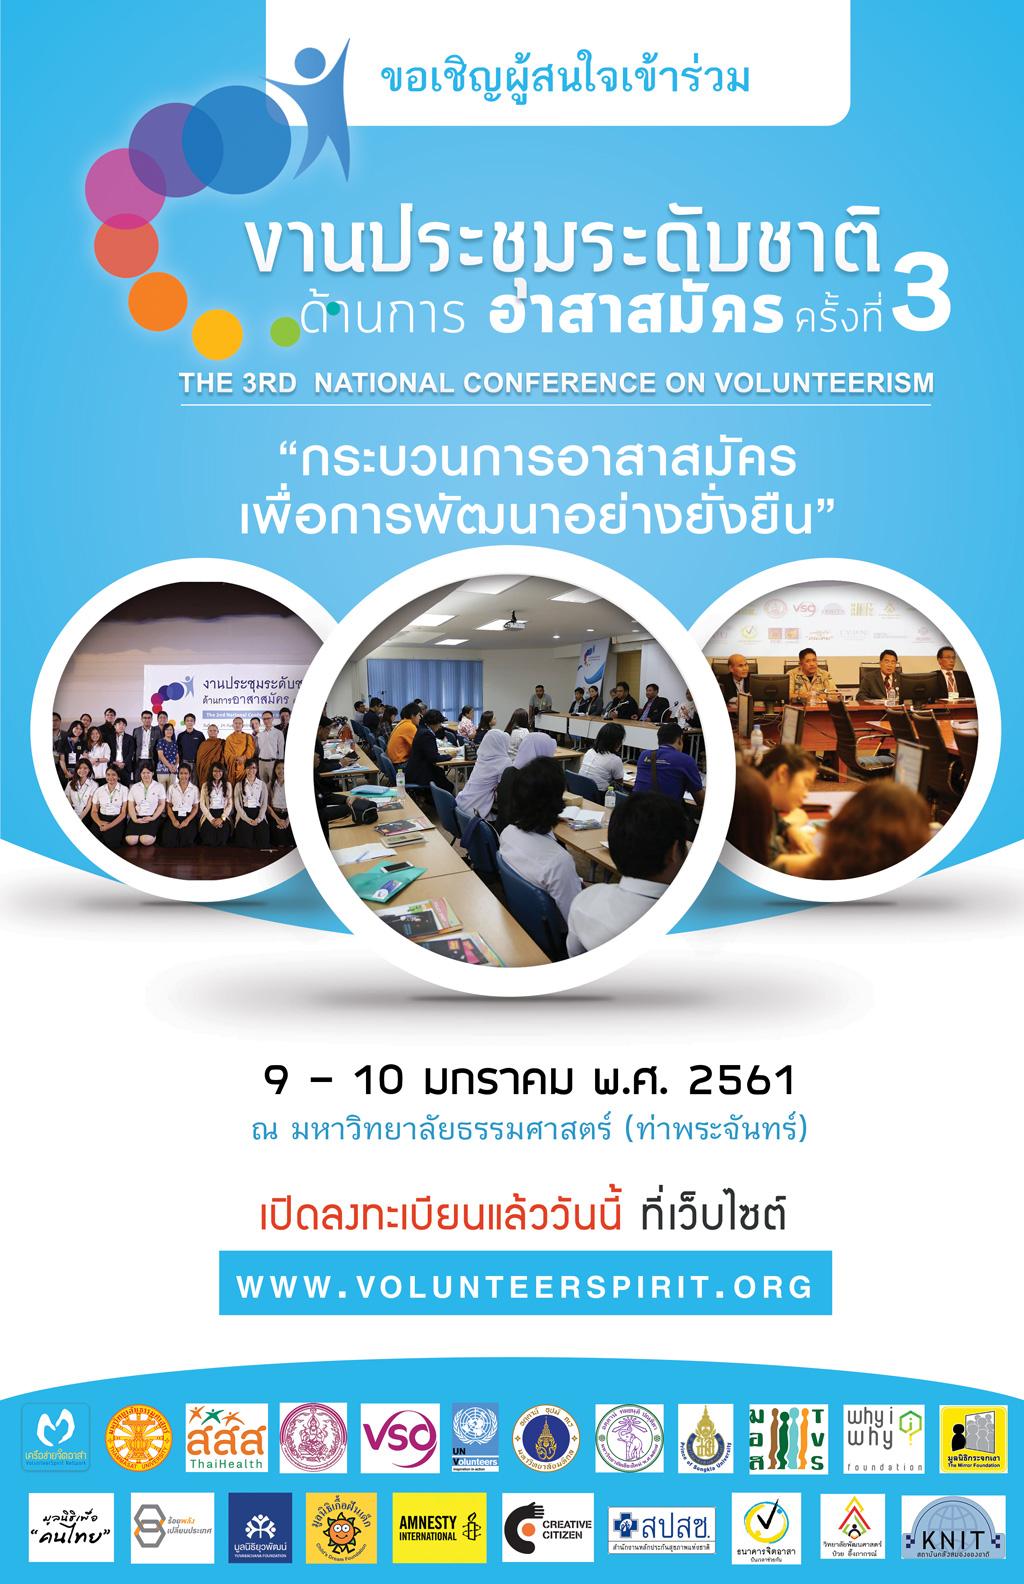 งานประชุมระดับชาติด้านการอาสาสมัคร ครั้งที่ 3 (The 3nd National Conference on Volunteerism)